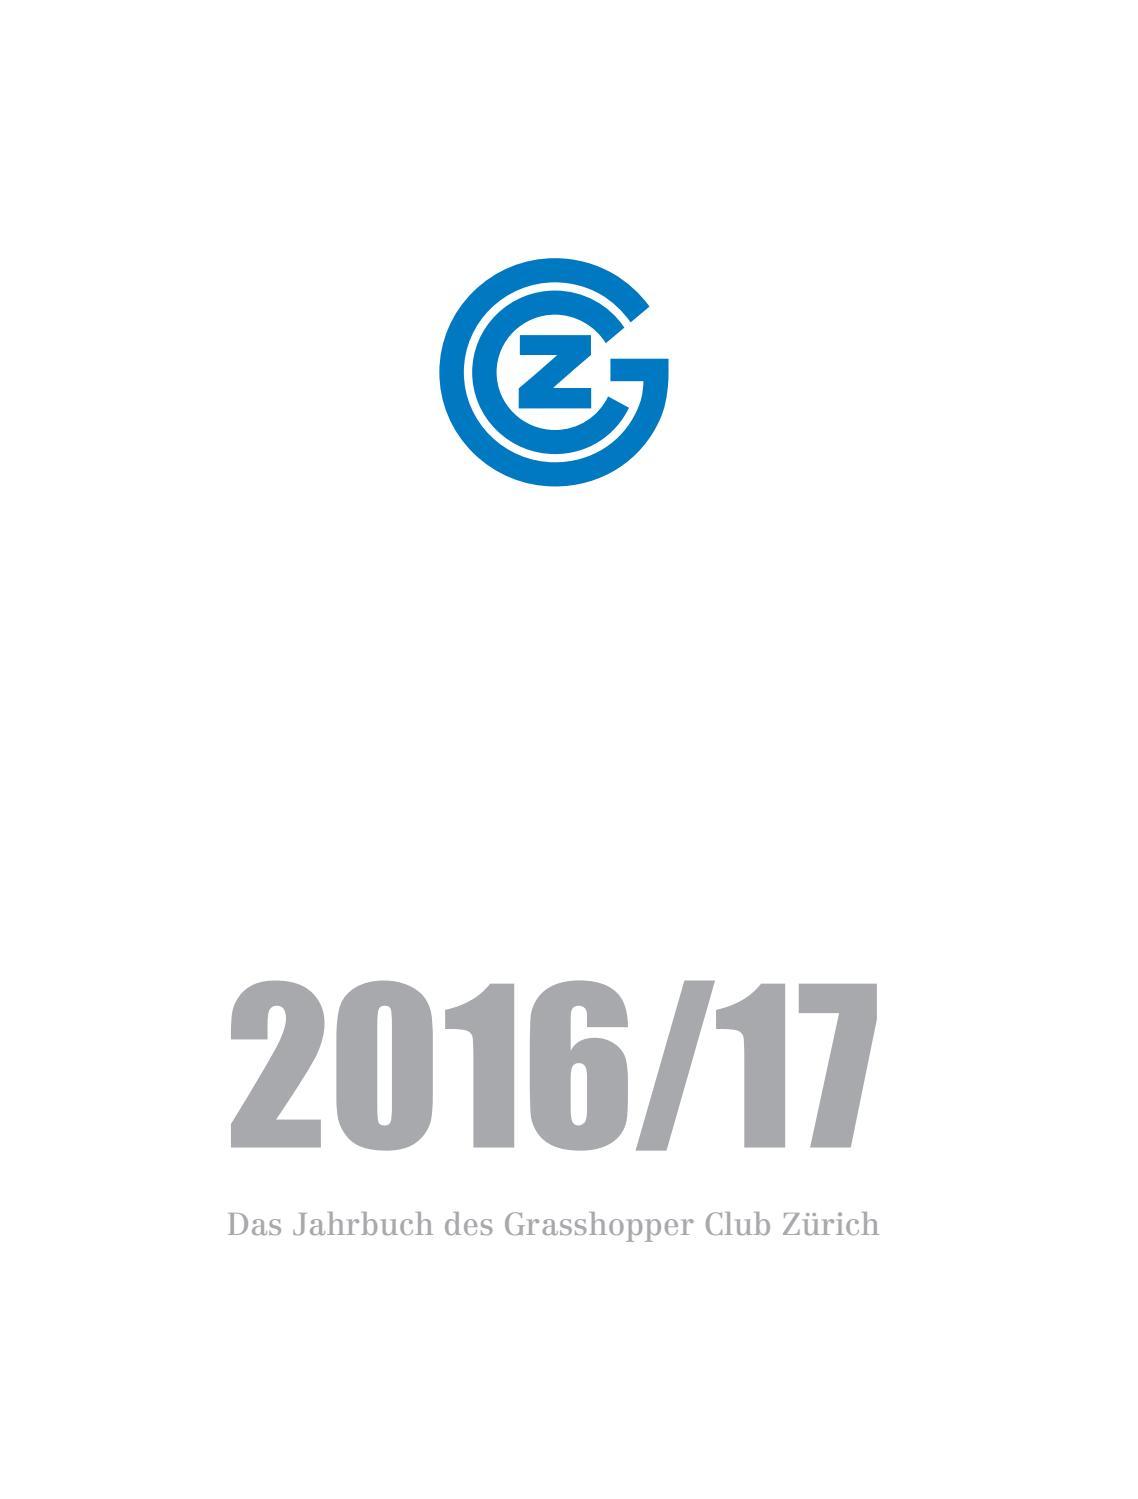 GC Jahrbuch 2016/17 by Michael Koch - issuu